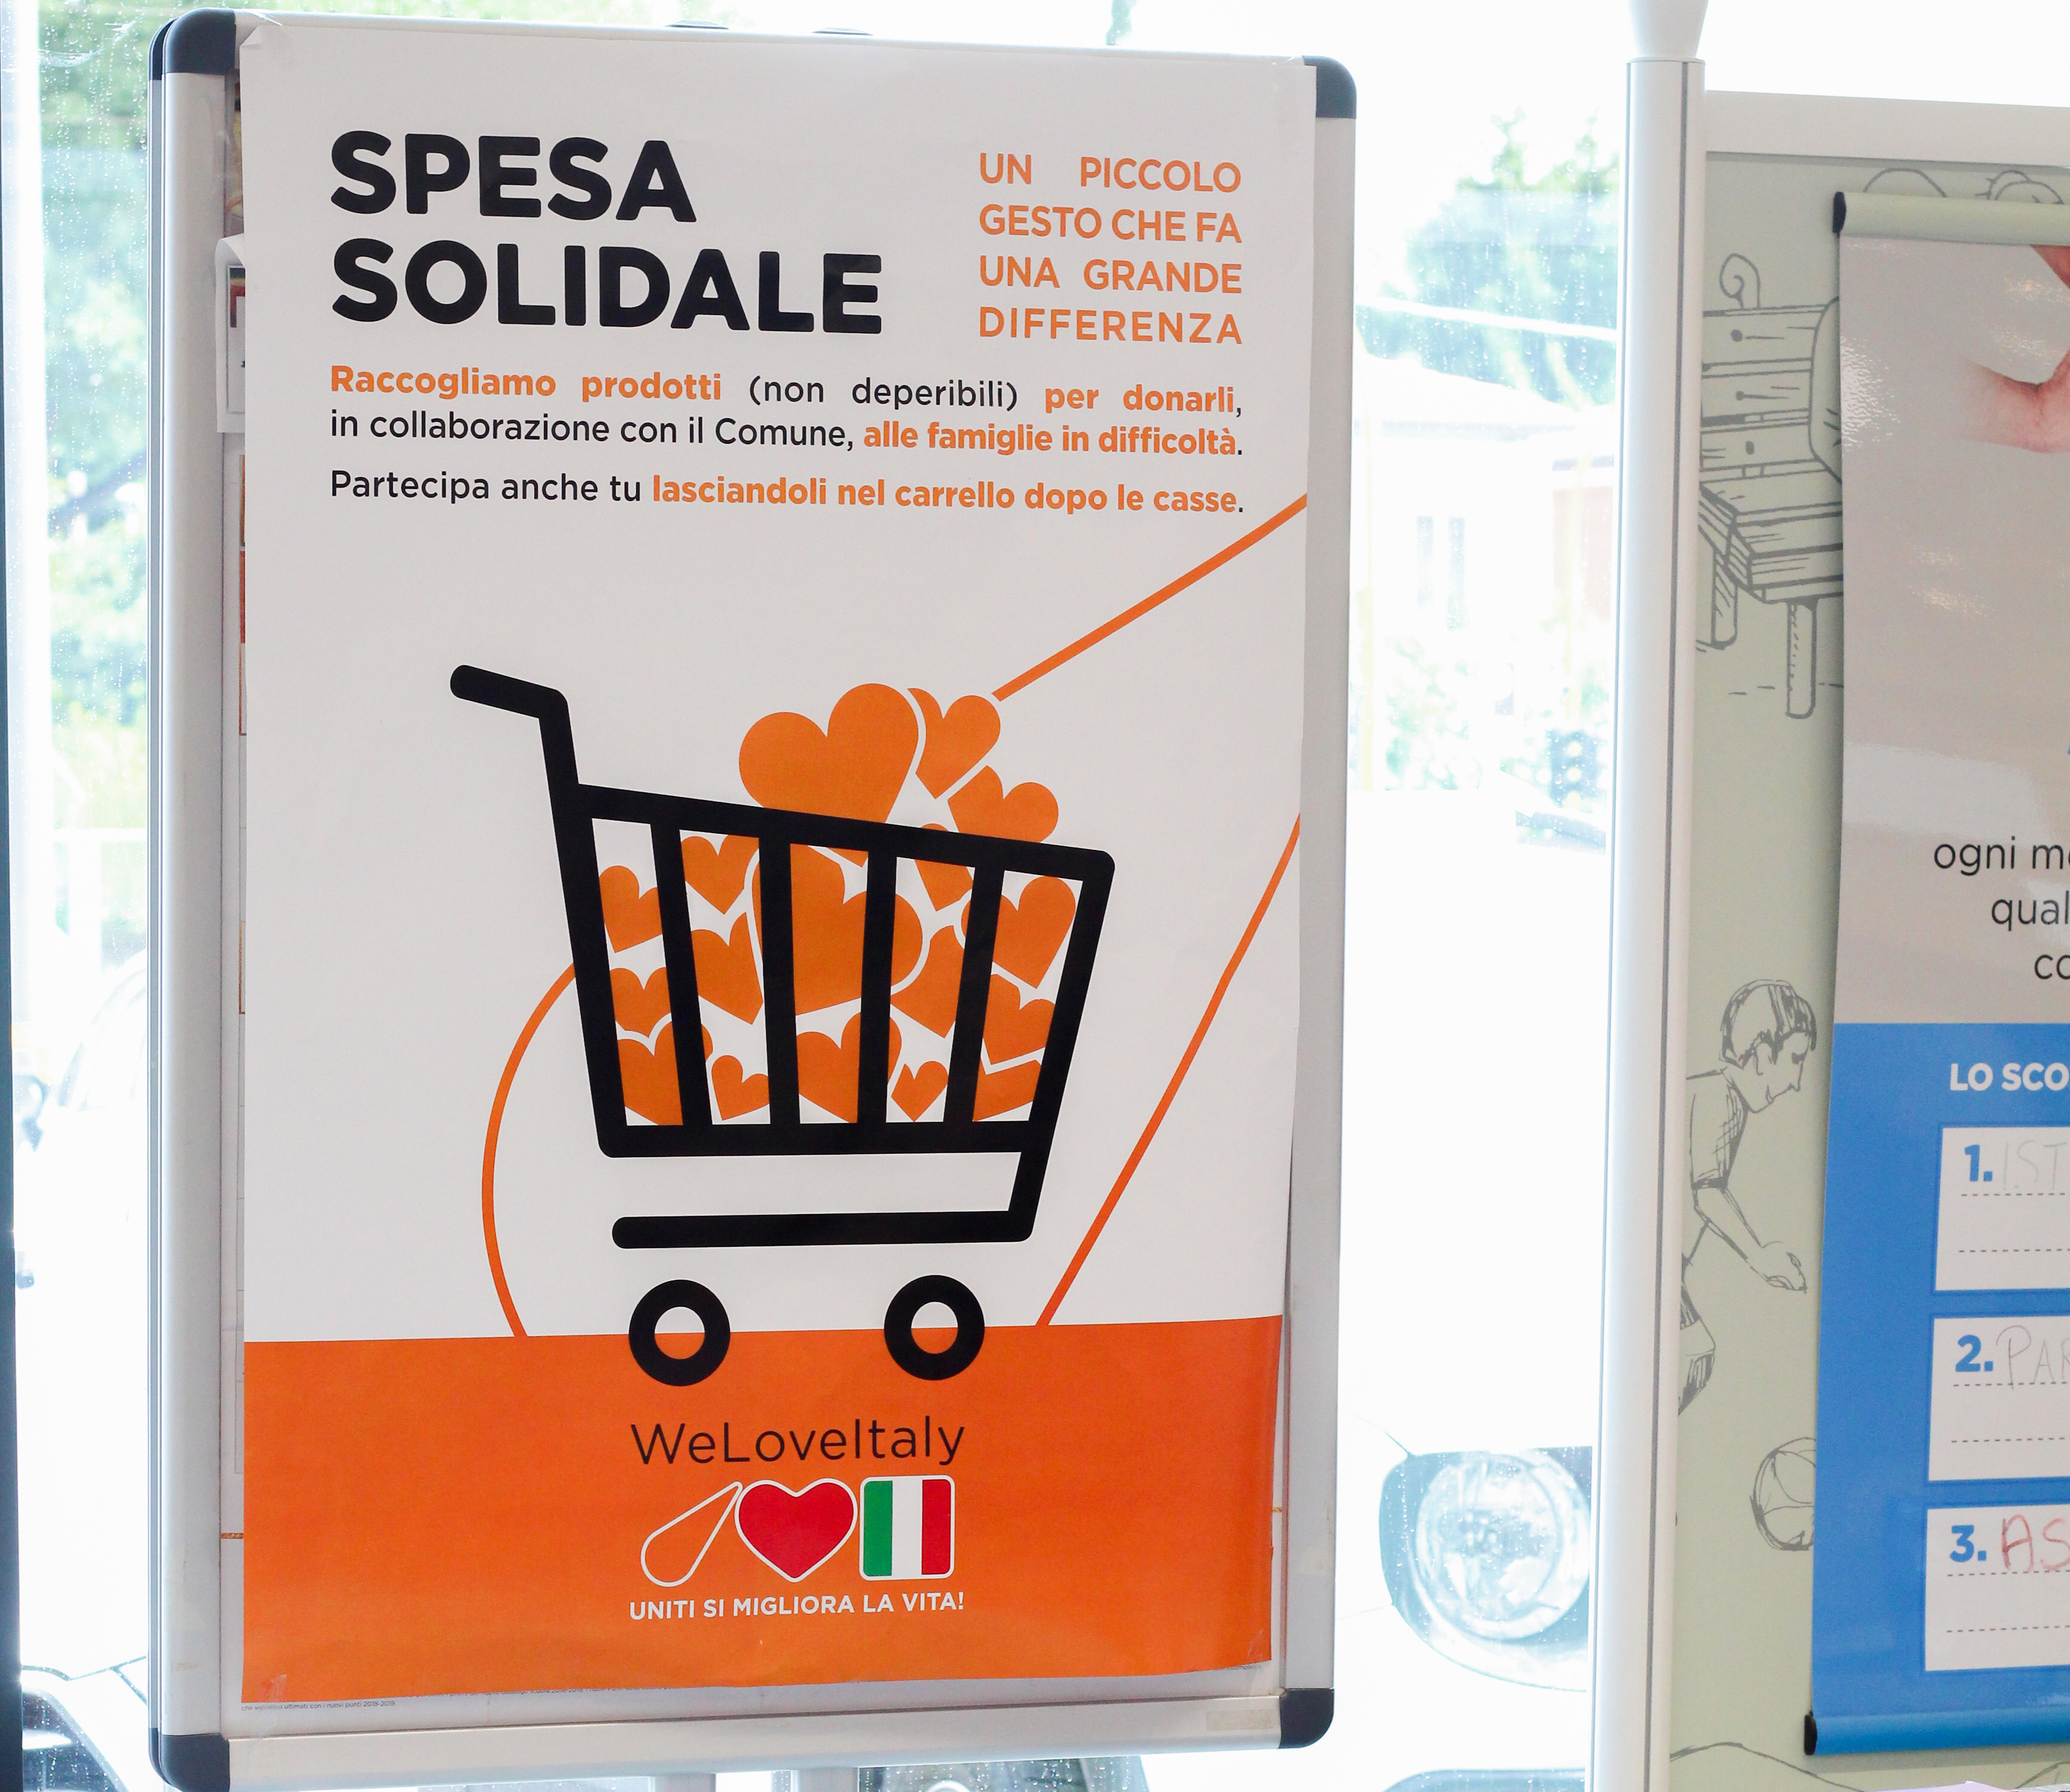 Oltre 100.000 pasti donati dai Clienti Alì con la spesa solidale